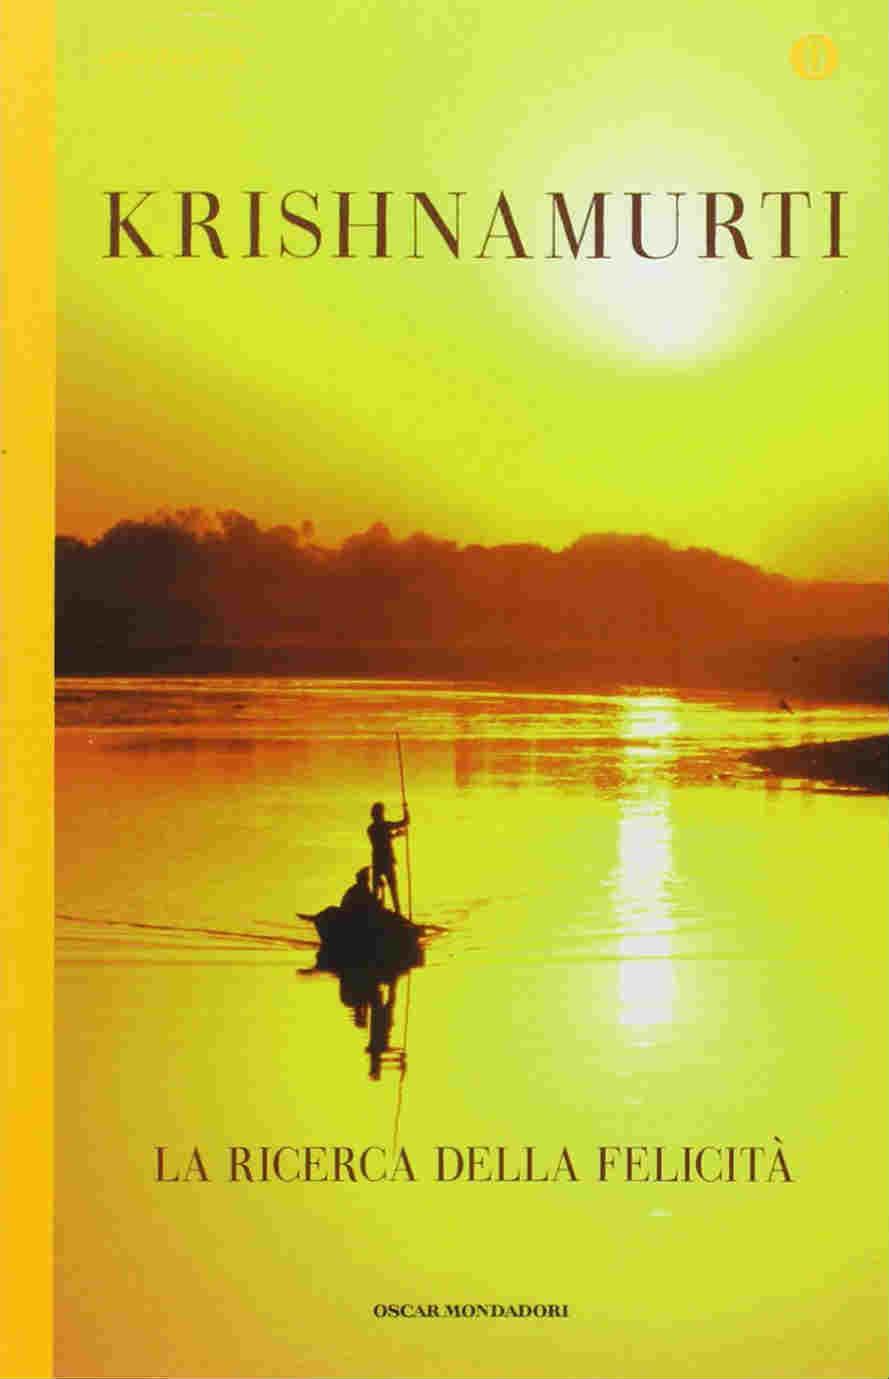 La ricerca della felicità (Krishnamurti)